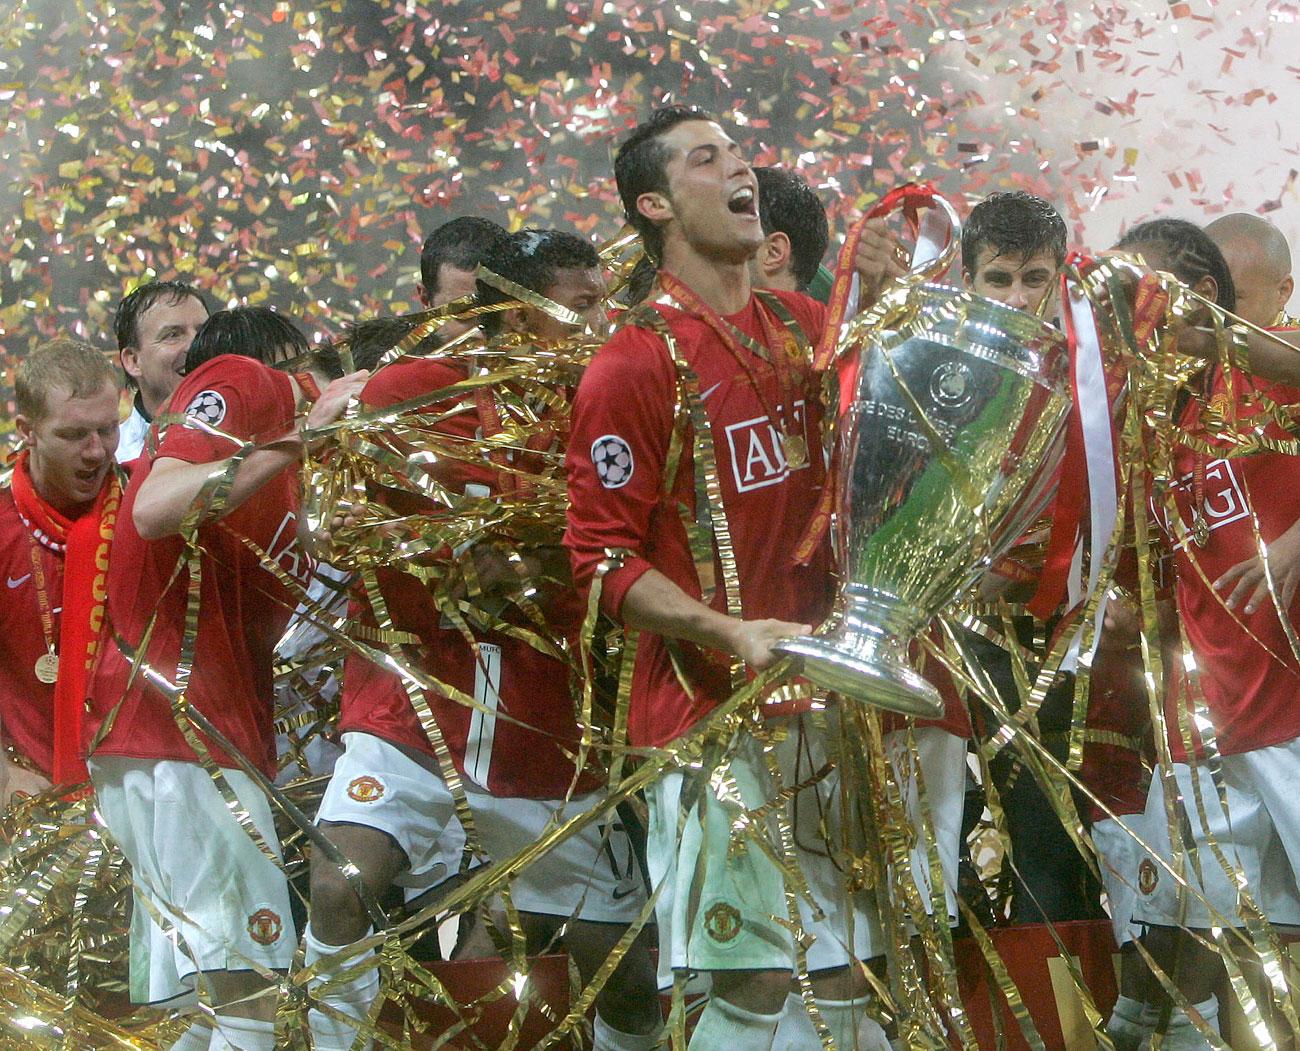 2008年のUEFAチャンピオンズリーグの決勝戦の際には天然芝に張り替えられたのだが、その試合後間もなく、再び人工芝に戻されたのだった。//モスクワのルジニキ・スタジアムで行われたチャンピオンズリーグ決勝戦サッカーの試合後に、トロフィーを手に優勝を祝うマンチェスター・ユナイテッドのクリスティアーノ・ロナウド。